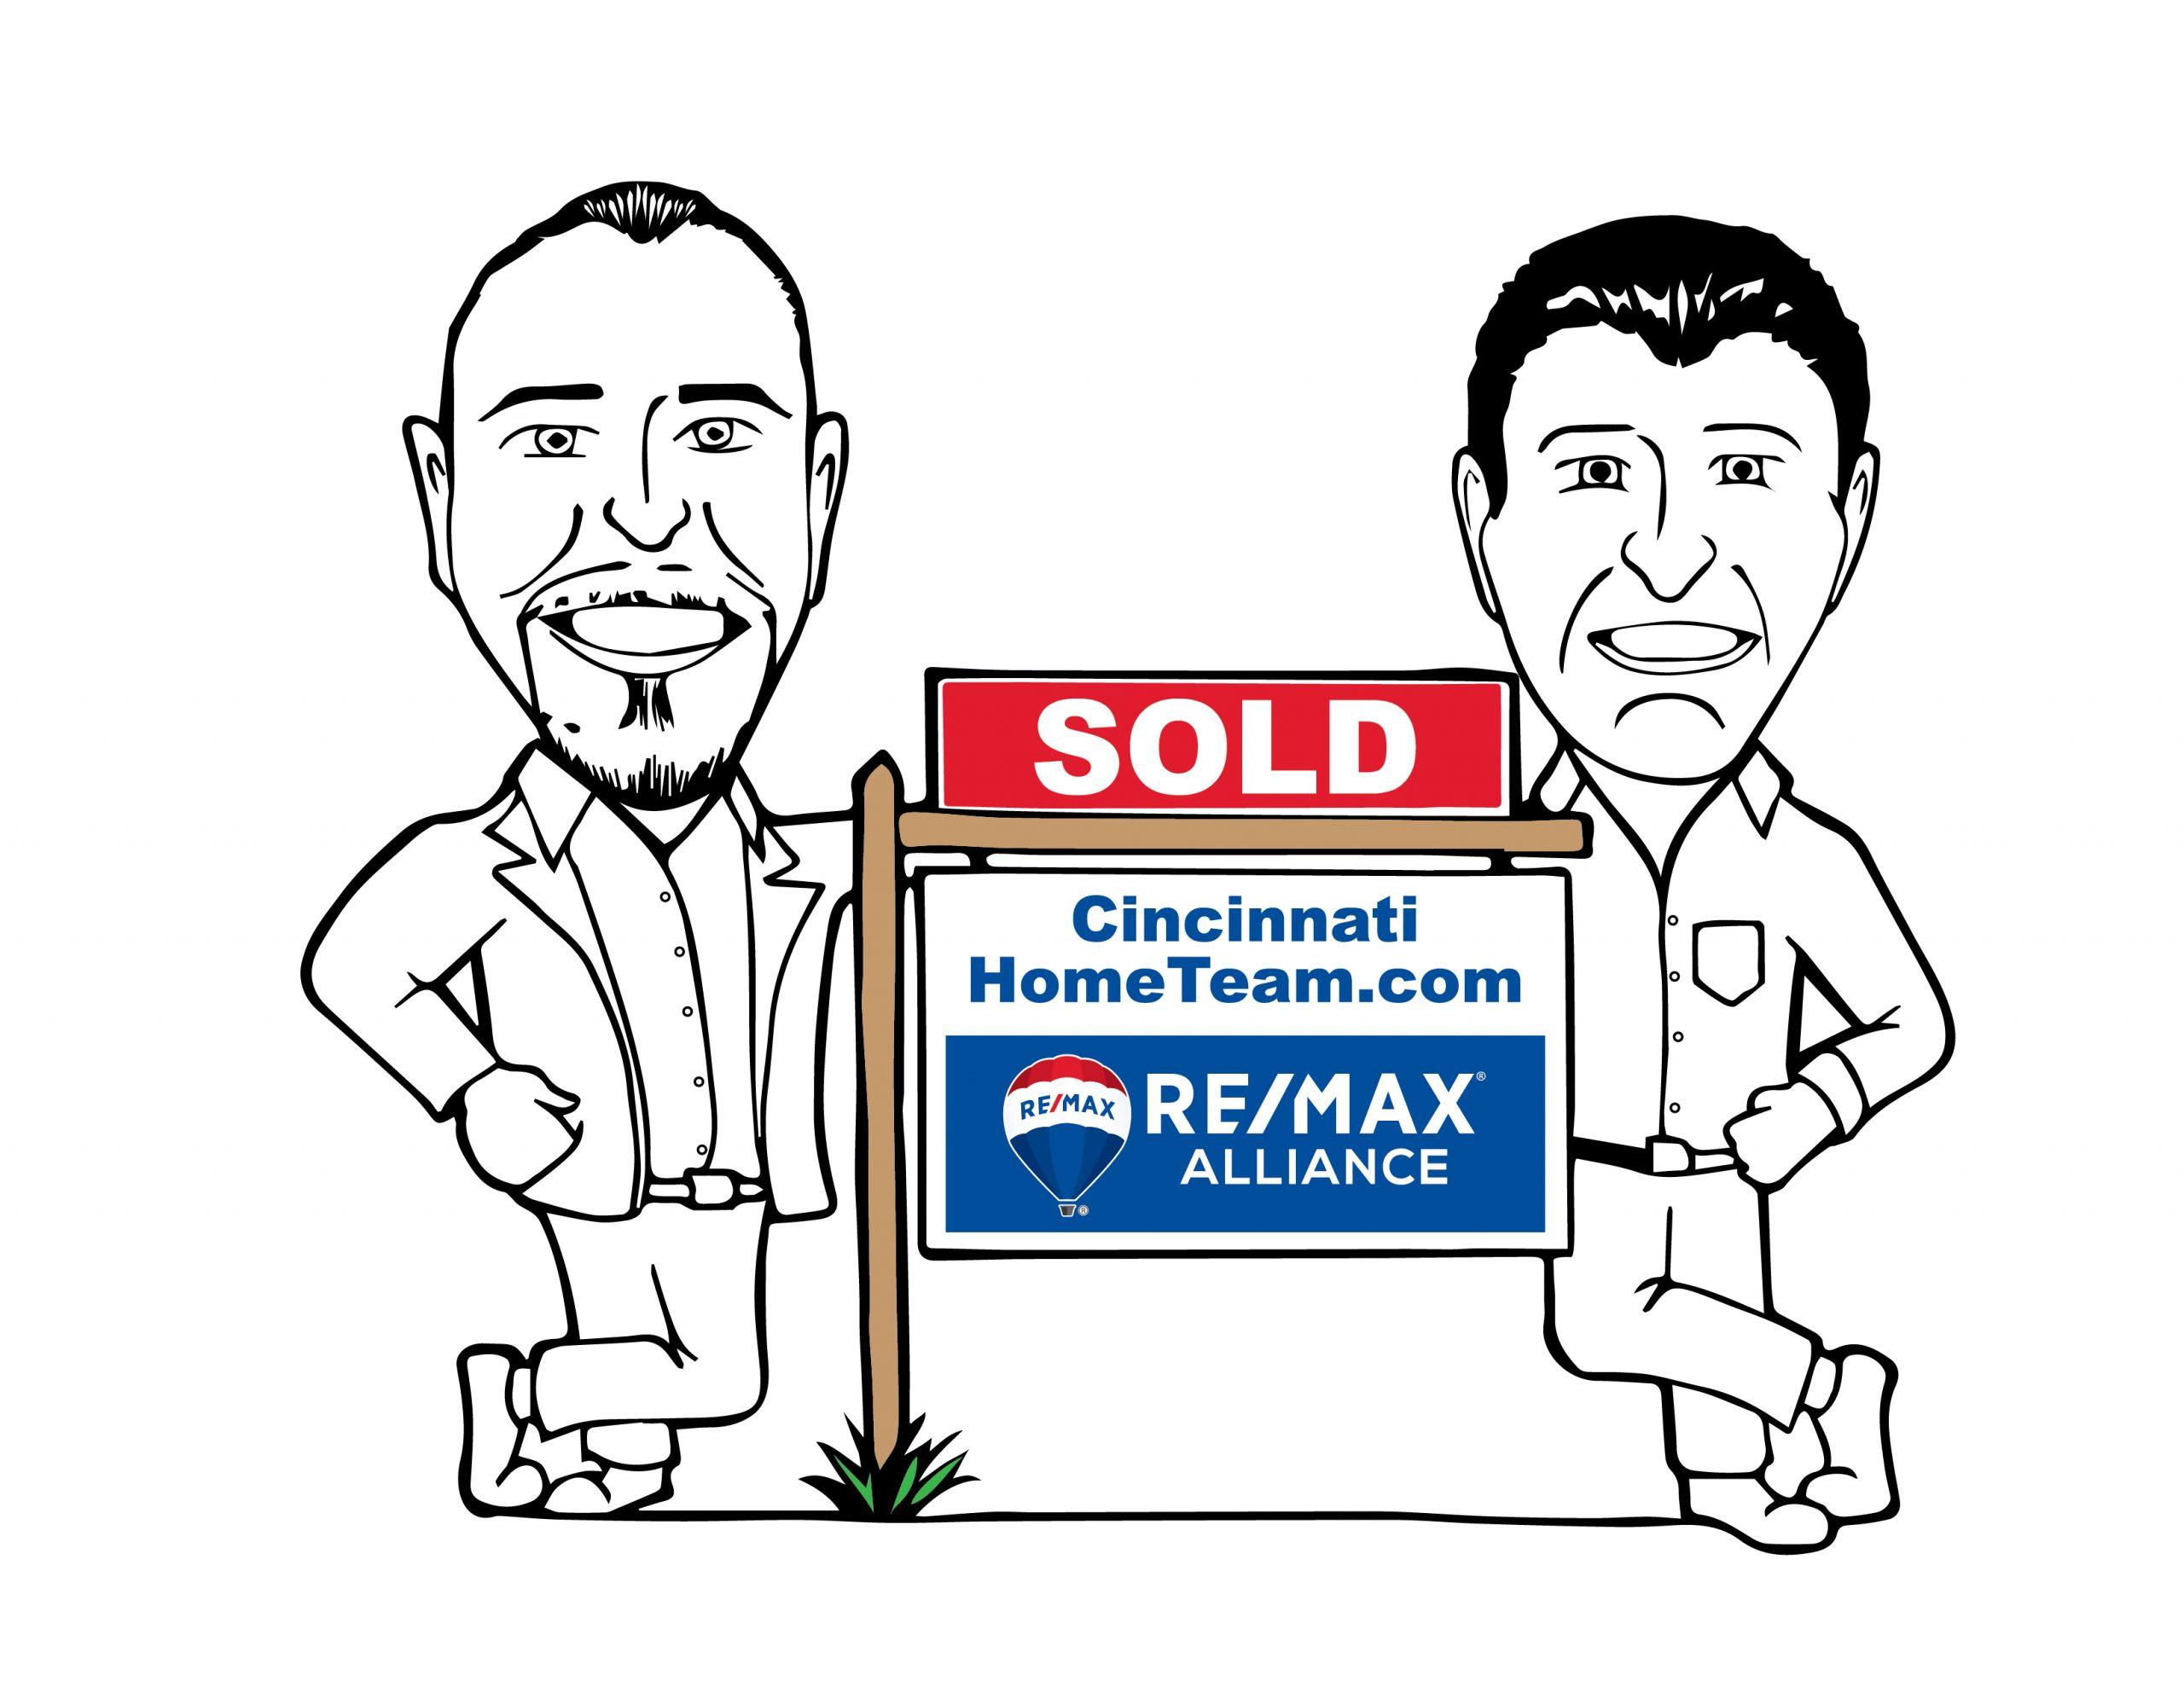 remax alliance cincinnati logo